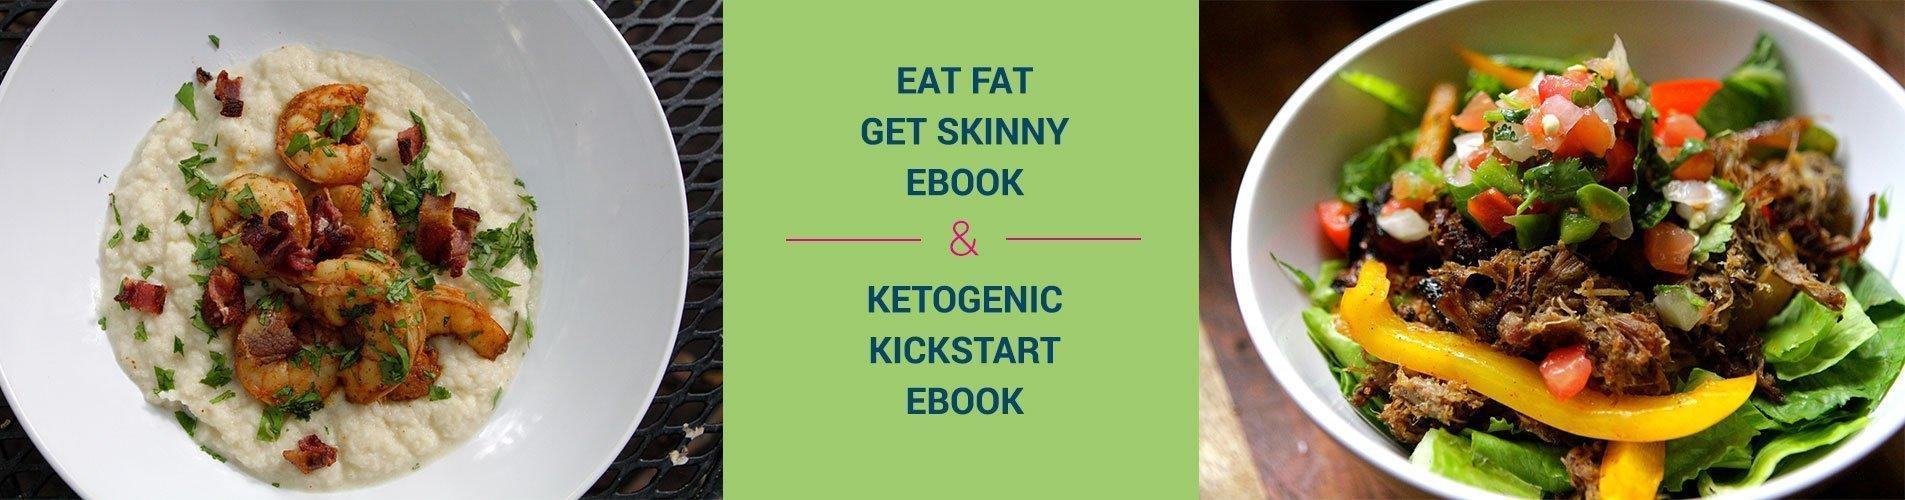 Eat Fat Get Skinny & Ketogenic Kickstart Ebooks